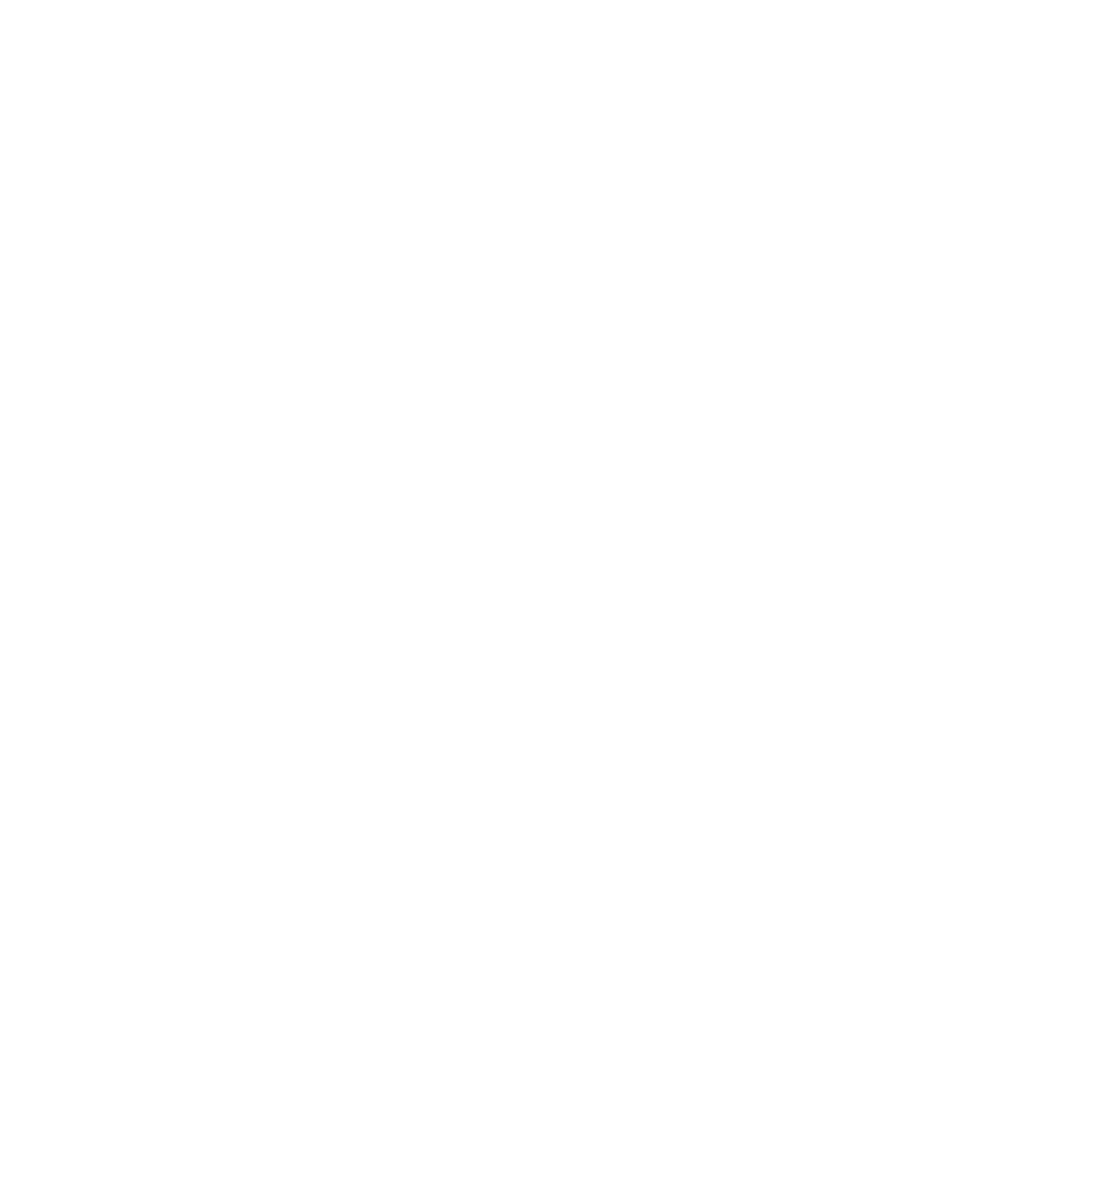 Clutch top B2B companies in Michigan 2021